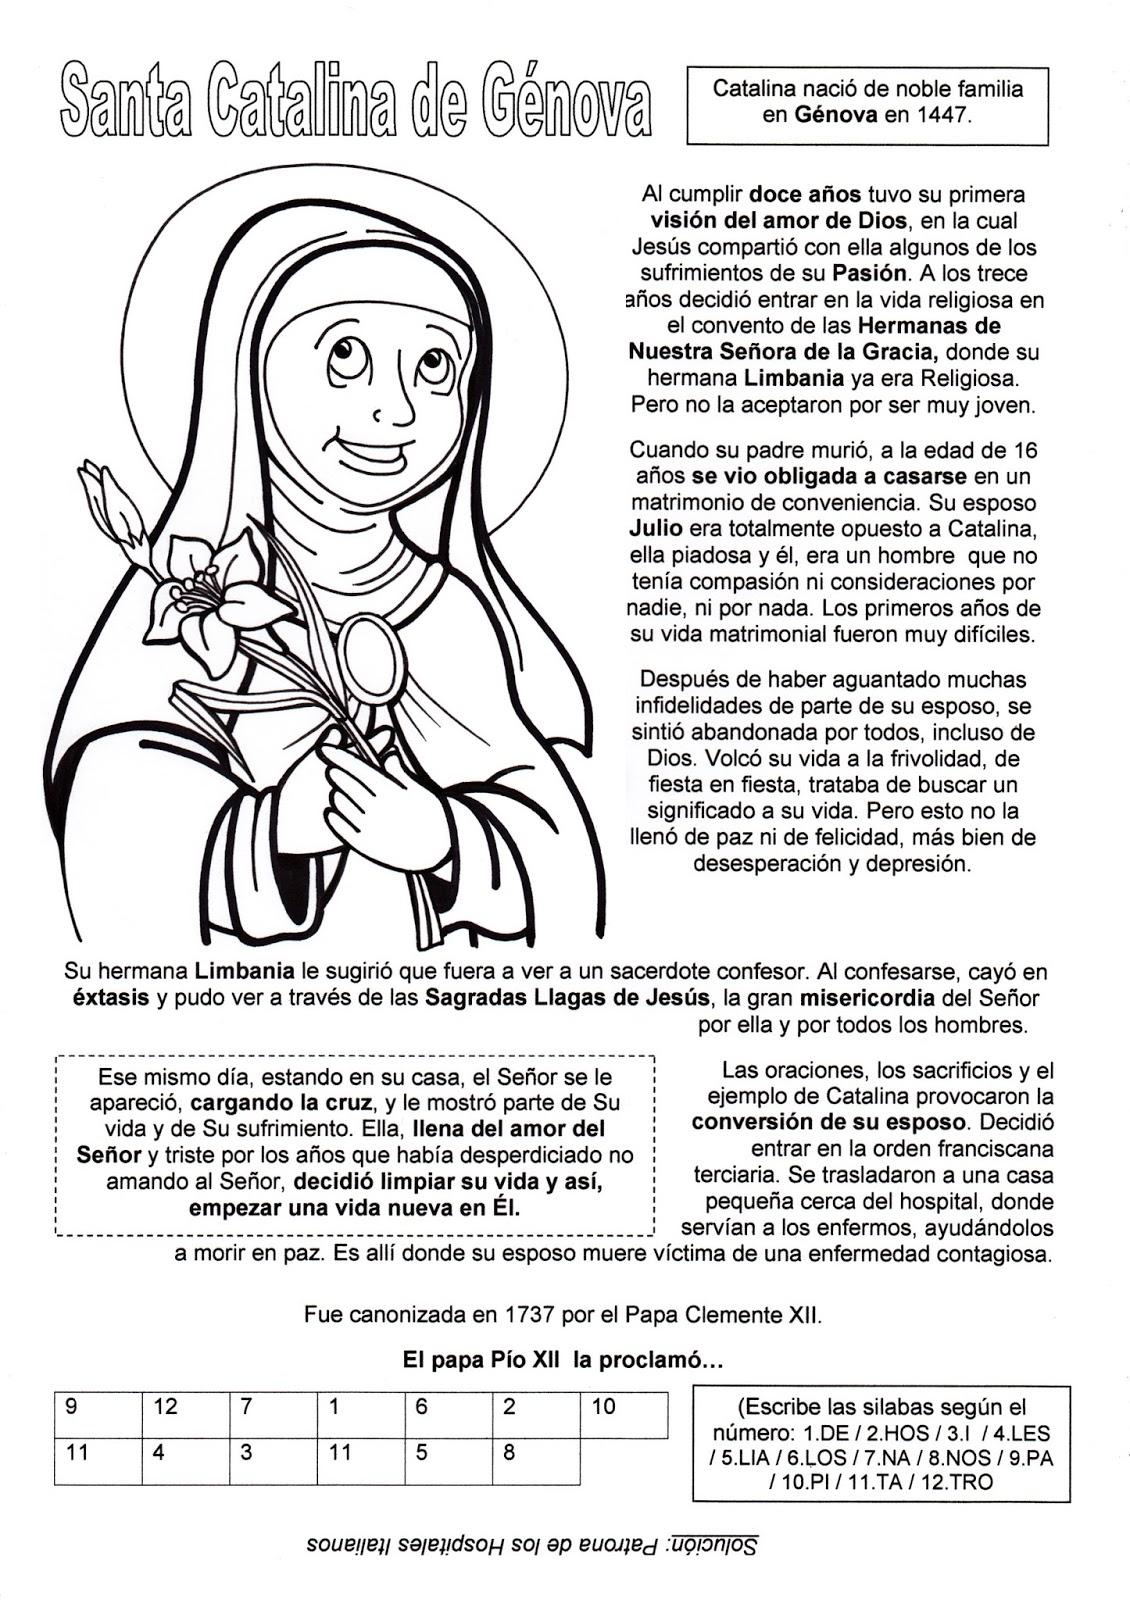 El Rincón de las Melli: Santa Catalina de Génova (historia y juego)